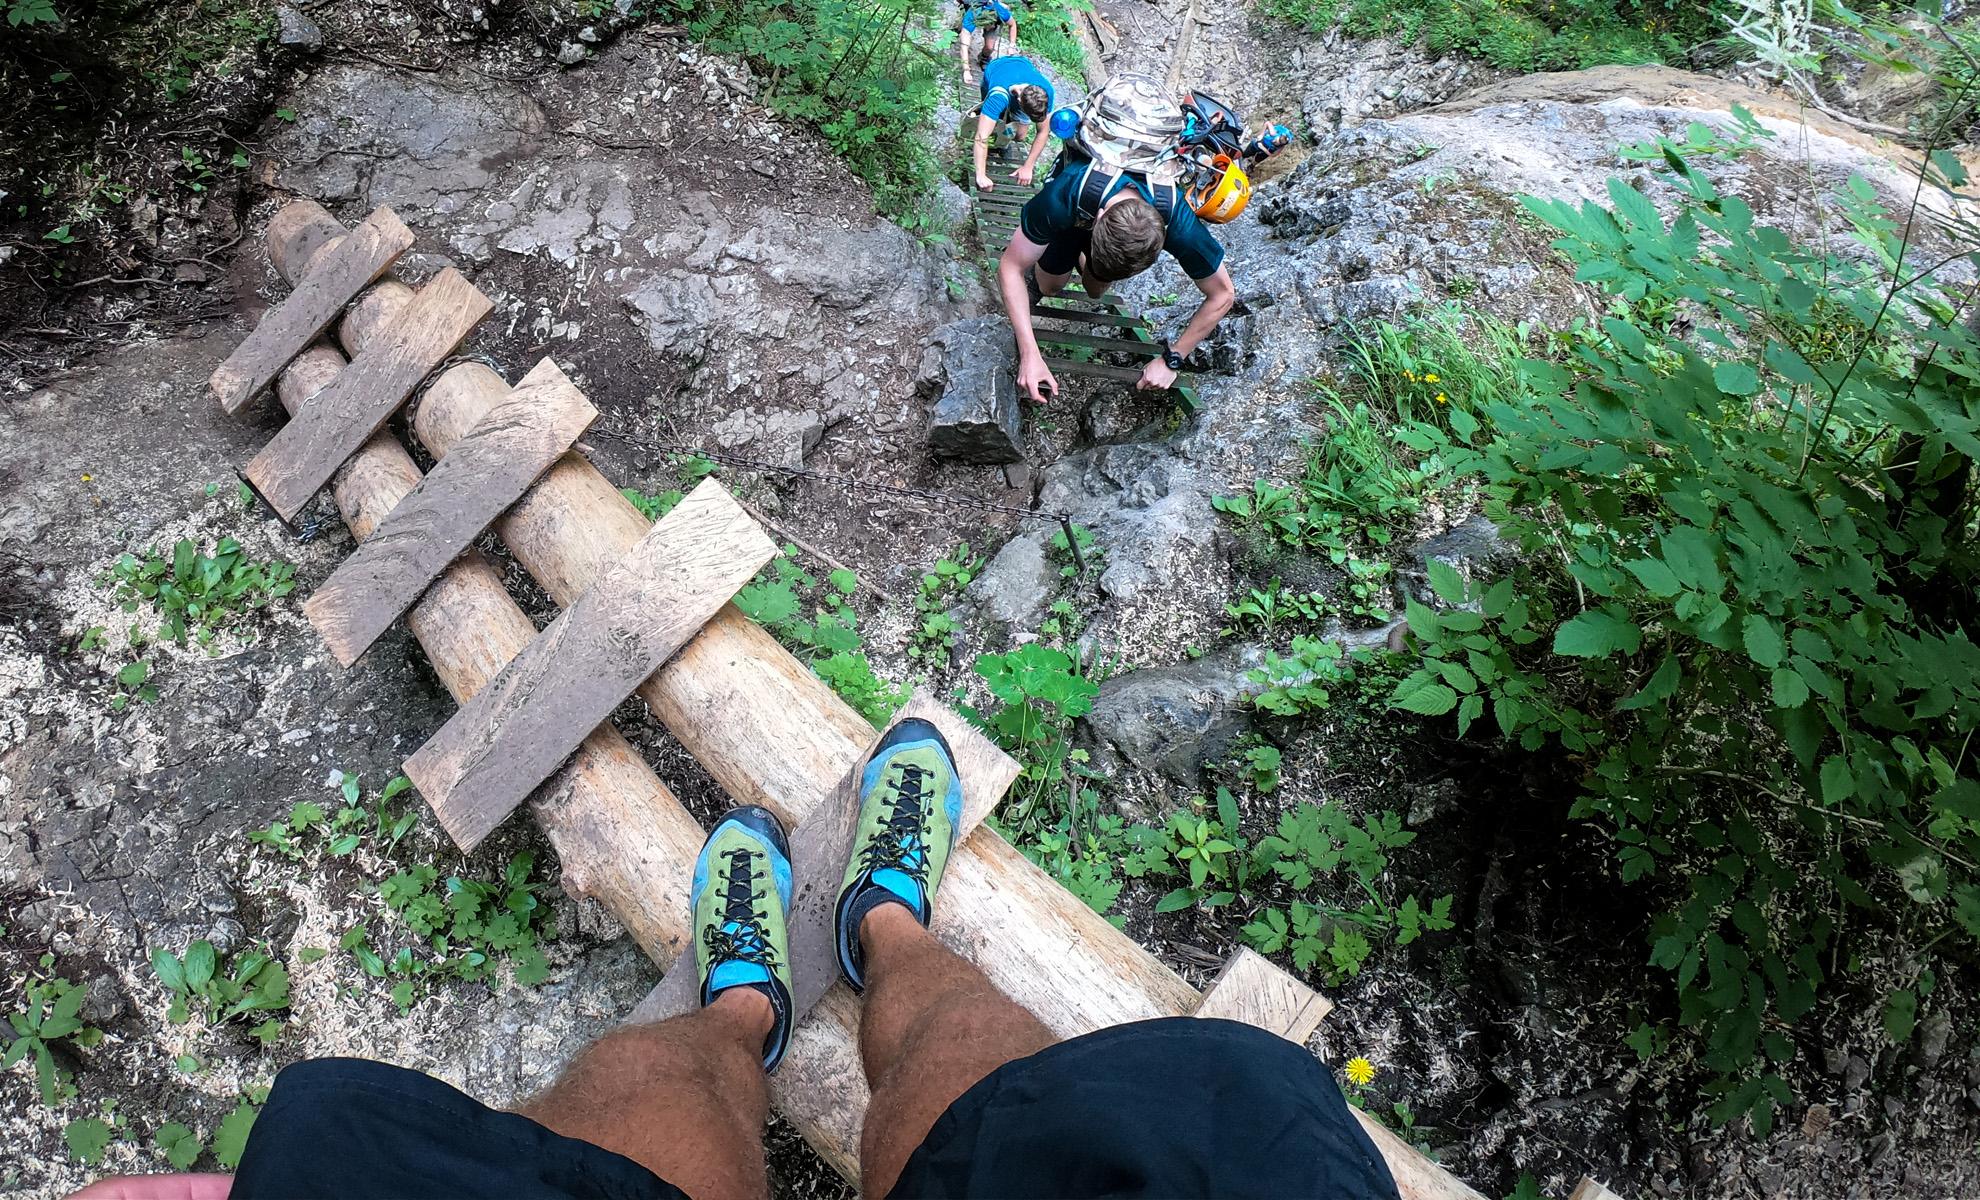 Bosp Grifit trekingové topánky na kovových mostíkoch počas prechodu feratou na Kyseli | recenzia